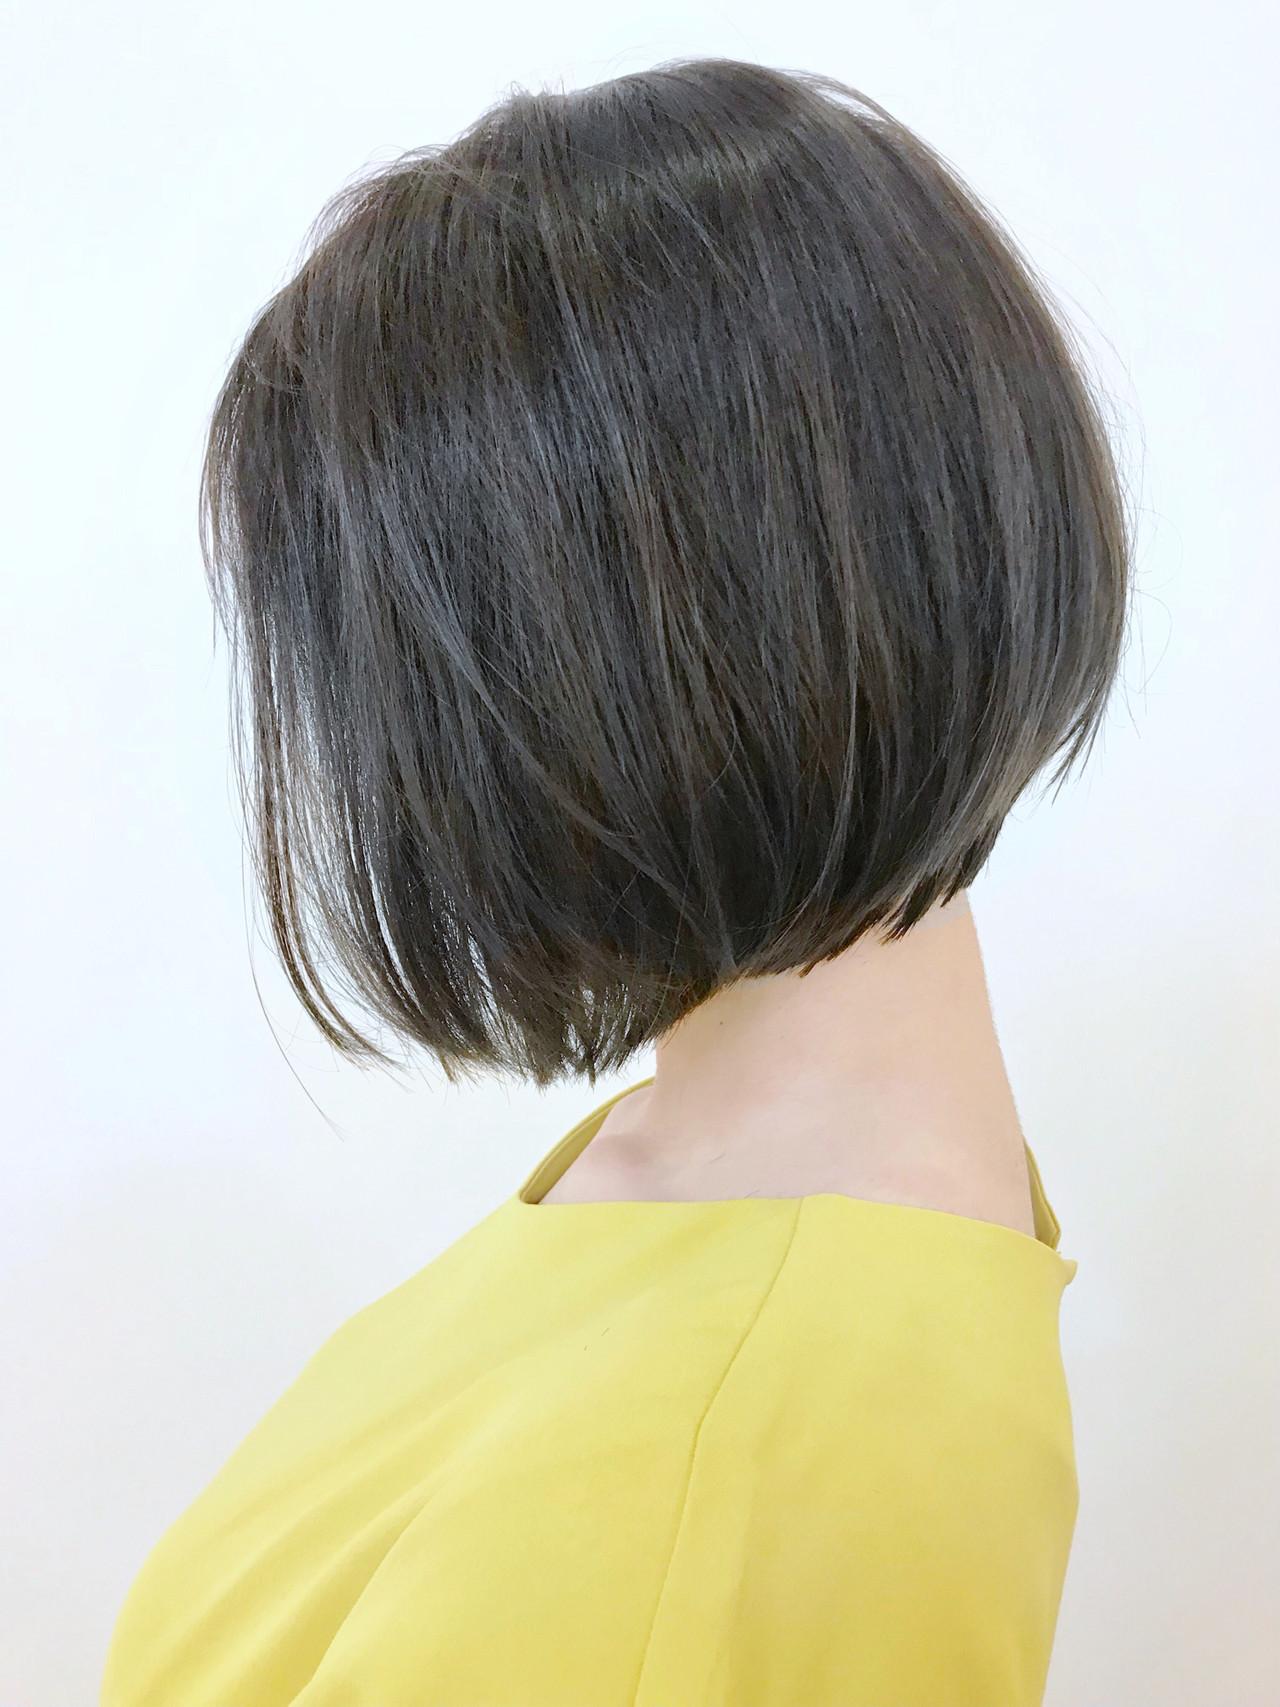 グレーアッシュ ショートボブ 切りっぱなしボブ ショートヘア ヘアスタイルや髪型の写真・画像